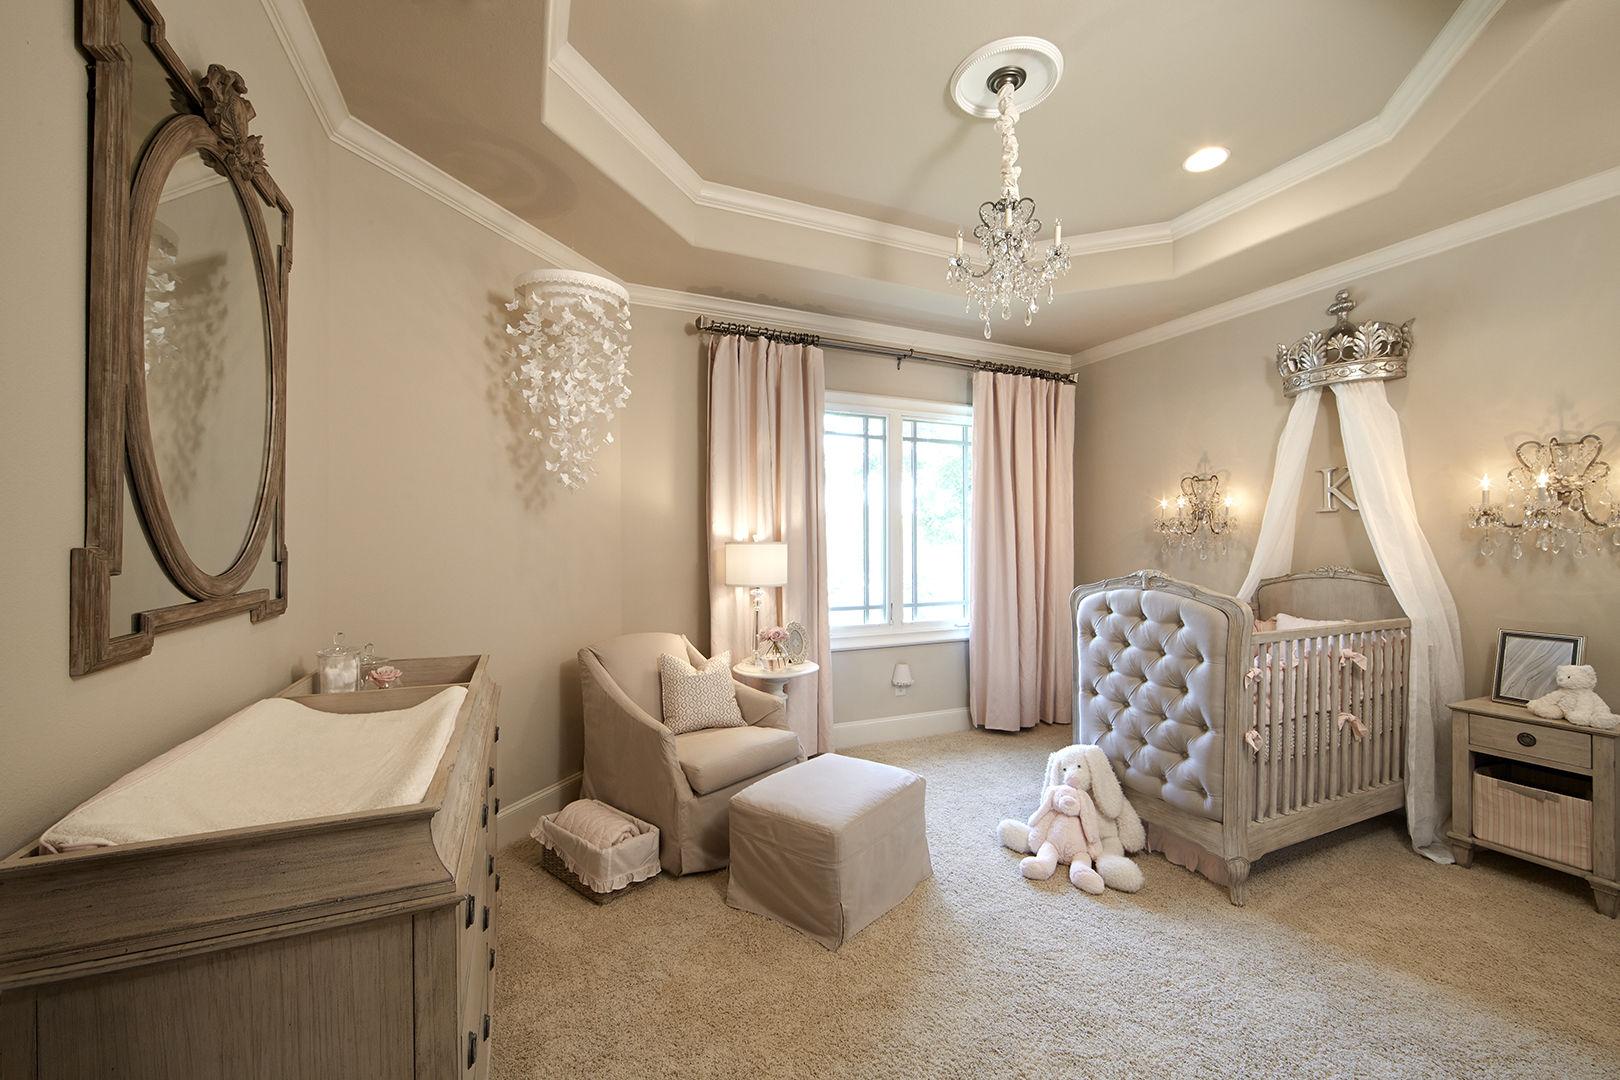 Les plafonds suspendus en plaques de plâtre aux couleurs pastel permettent de diversifier l'intérieur d'une chambre d'enfant et de la rendre plus confortable